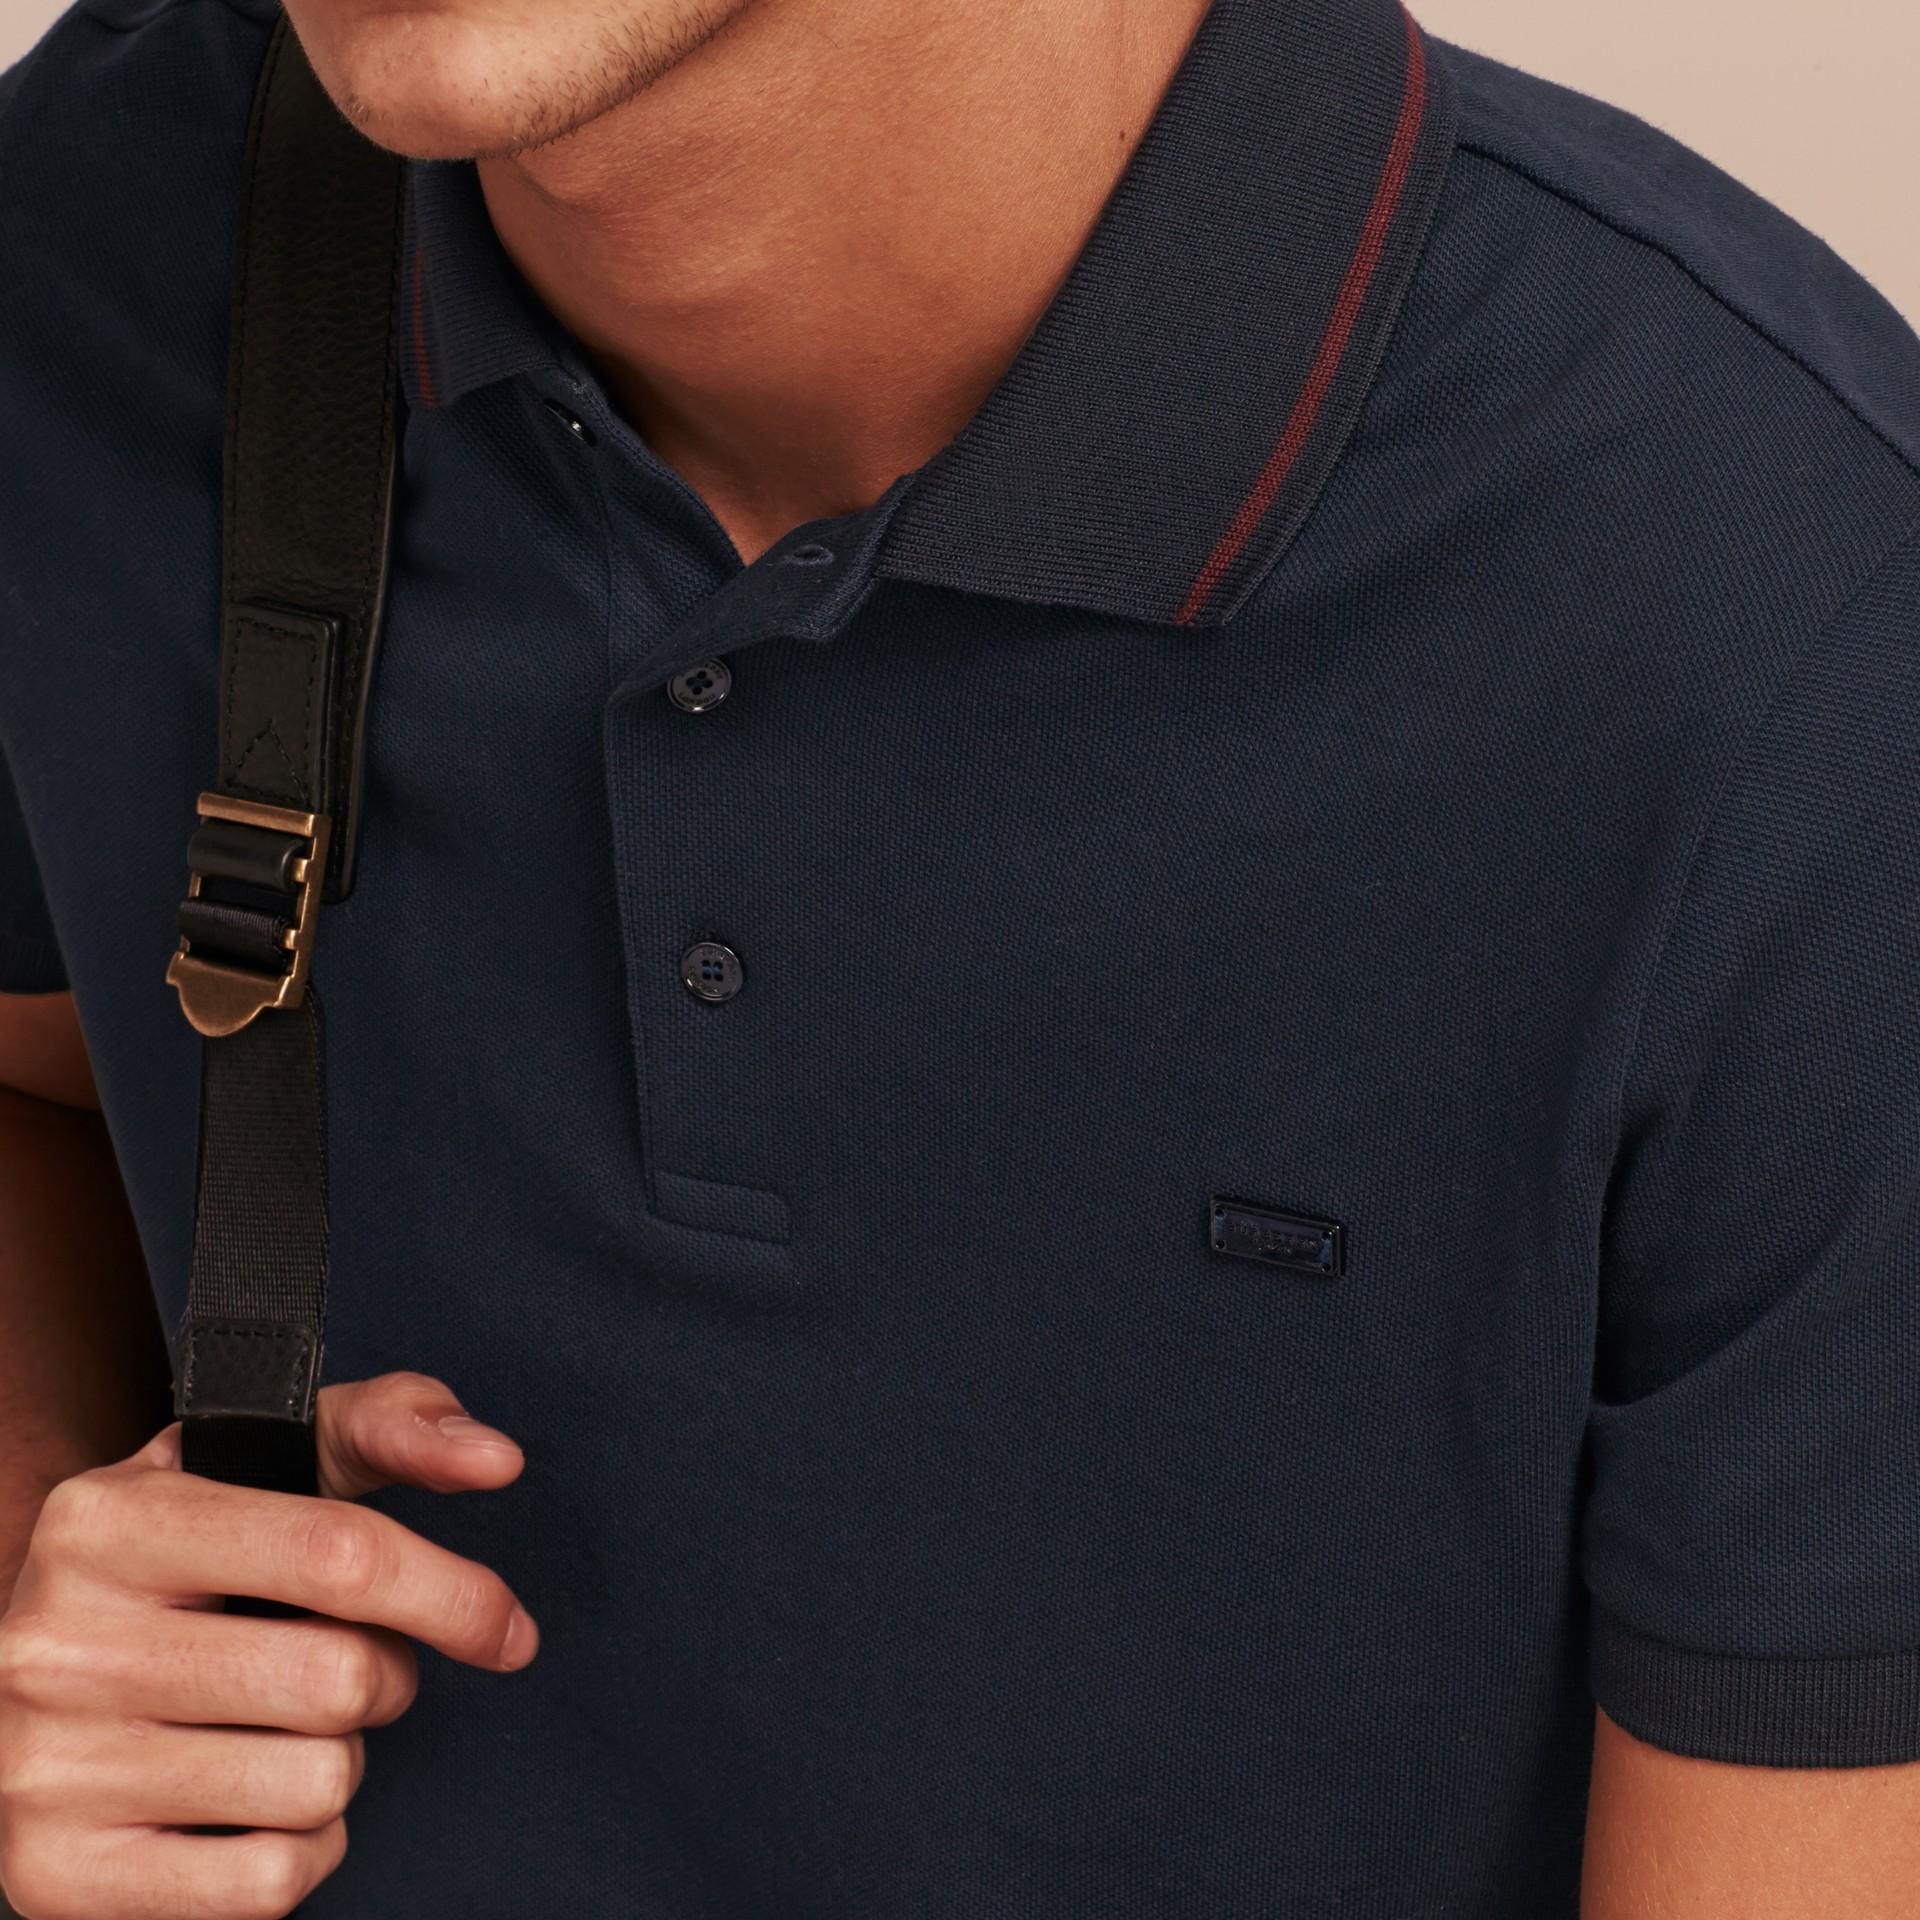 Azul marinho//mahogany red Camisa polo de algodão piquê com detalhes contrastantes Azul Marinho//mahogany Red - galeria de imagens 5